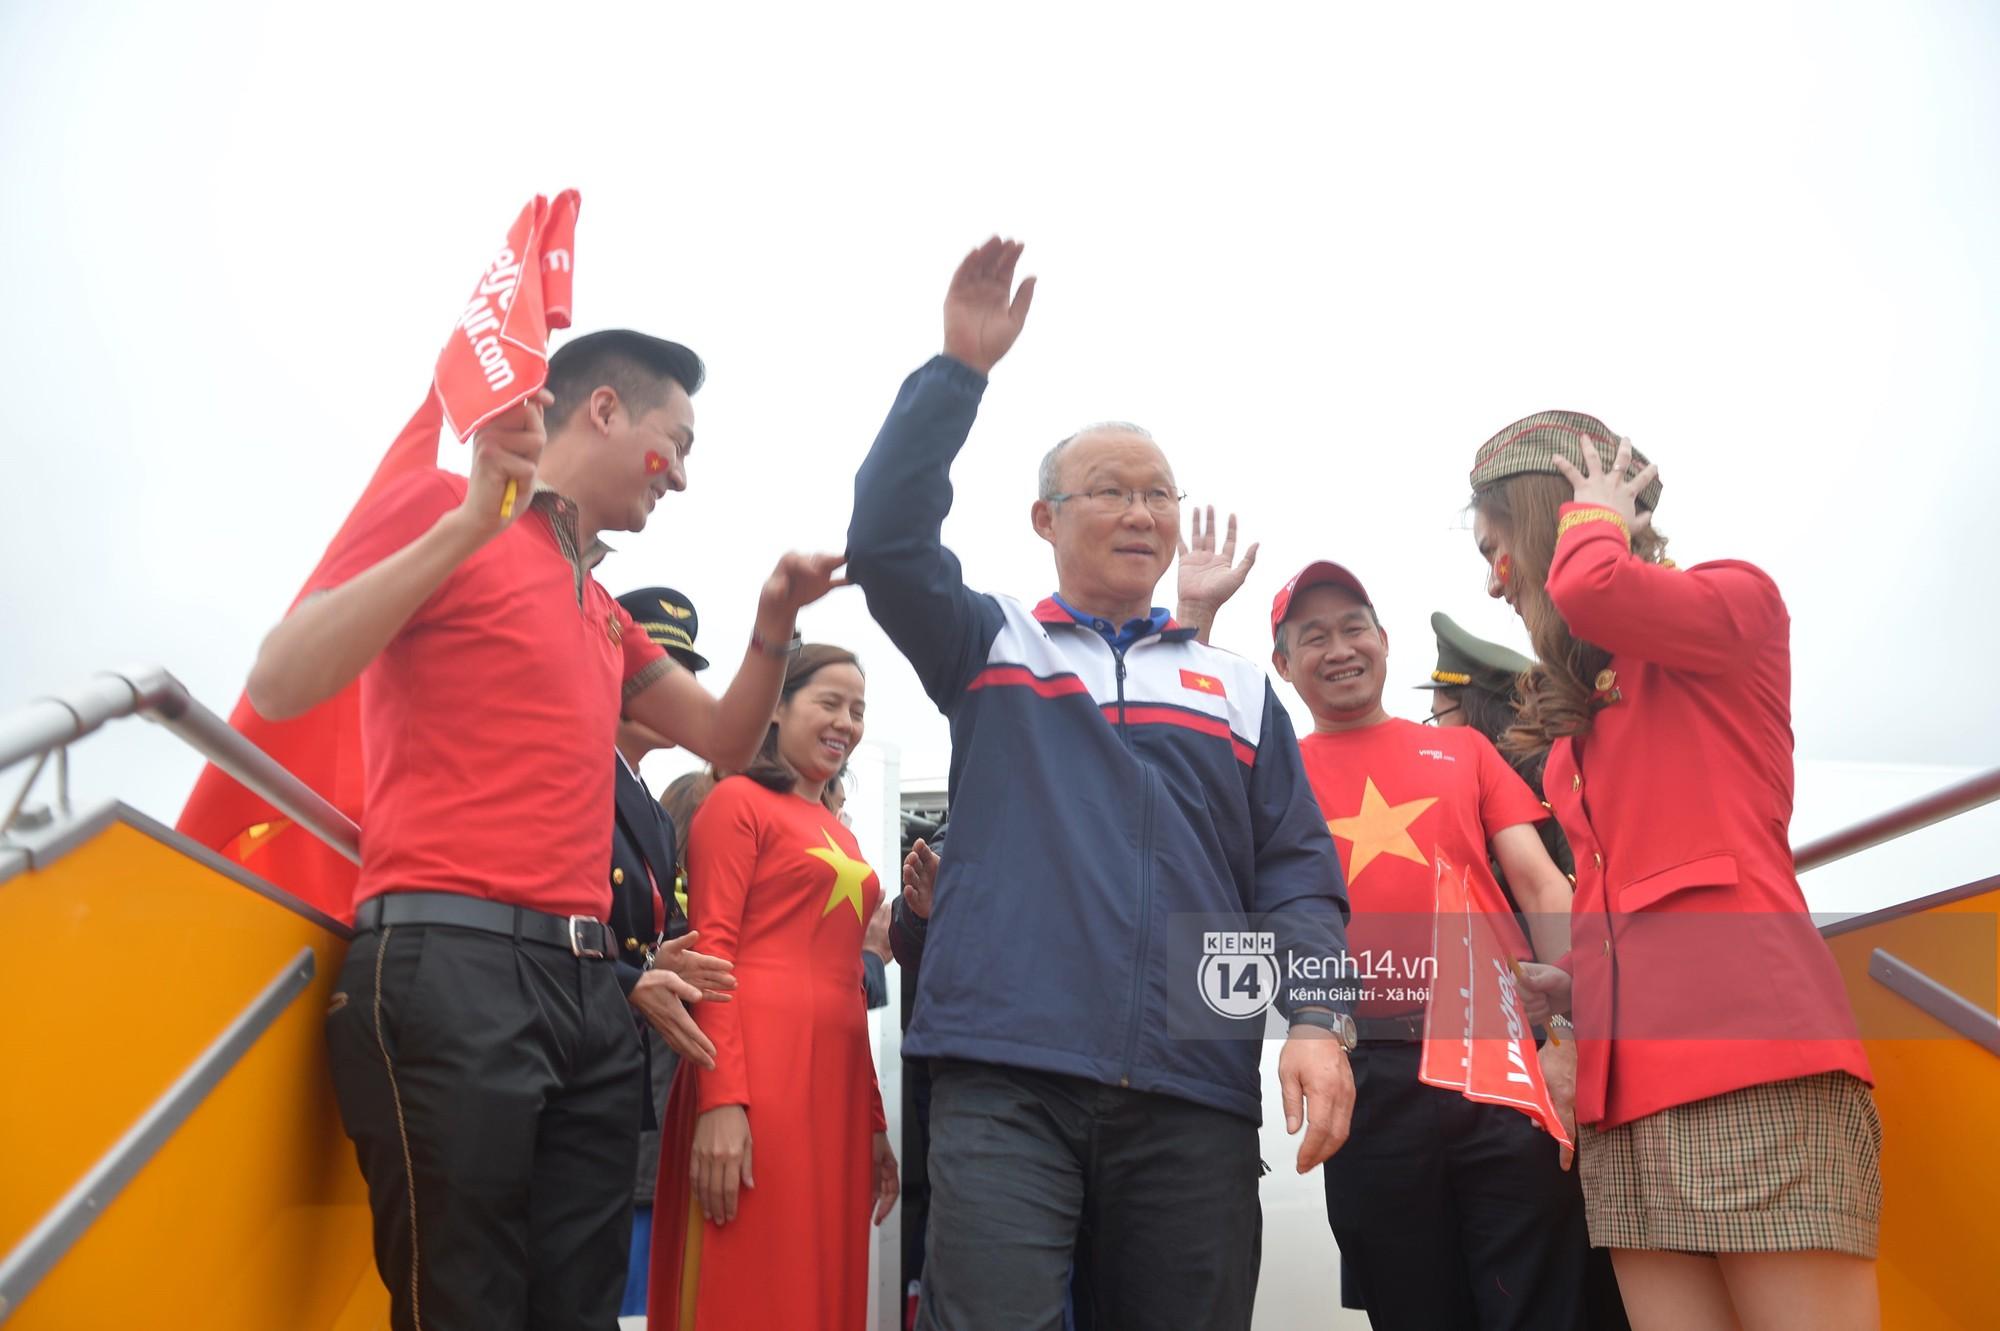 Một ngày dài nhưng nhiều cảm xúc của ông chú Park Hang Seo tại Hà Nội: Những khoảnh khắc không thể quên - Ảnh 4.